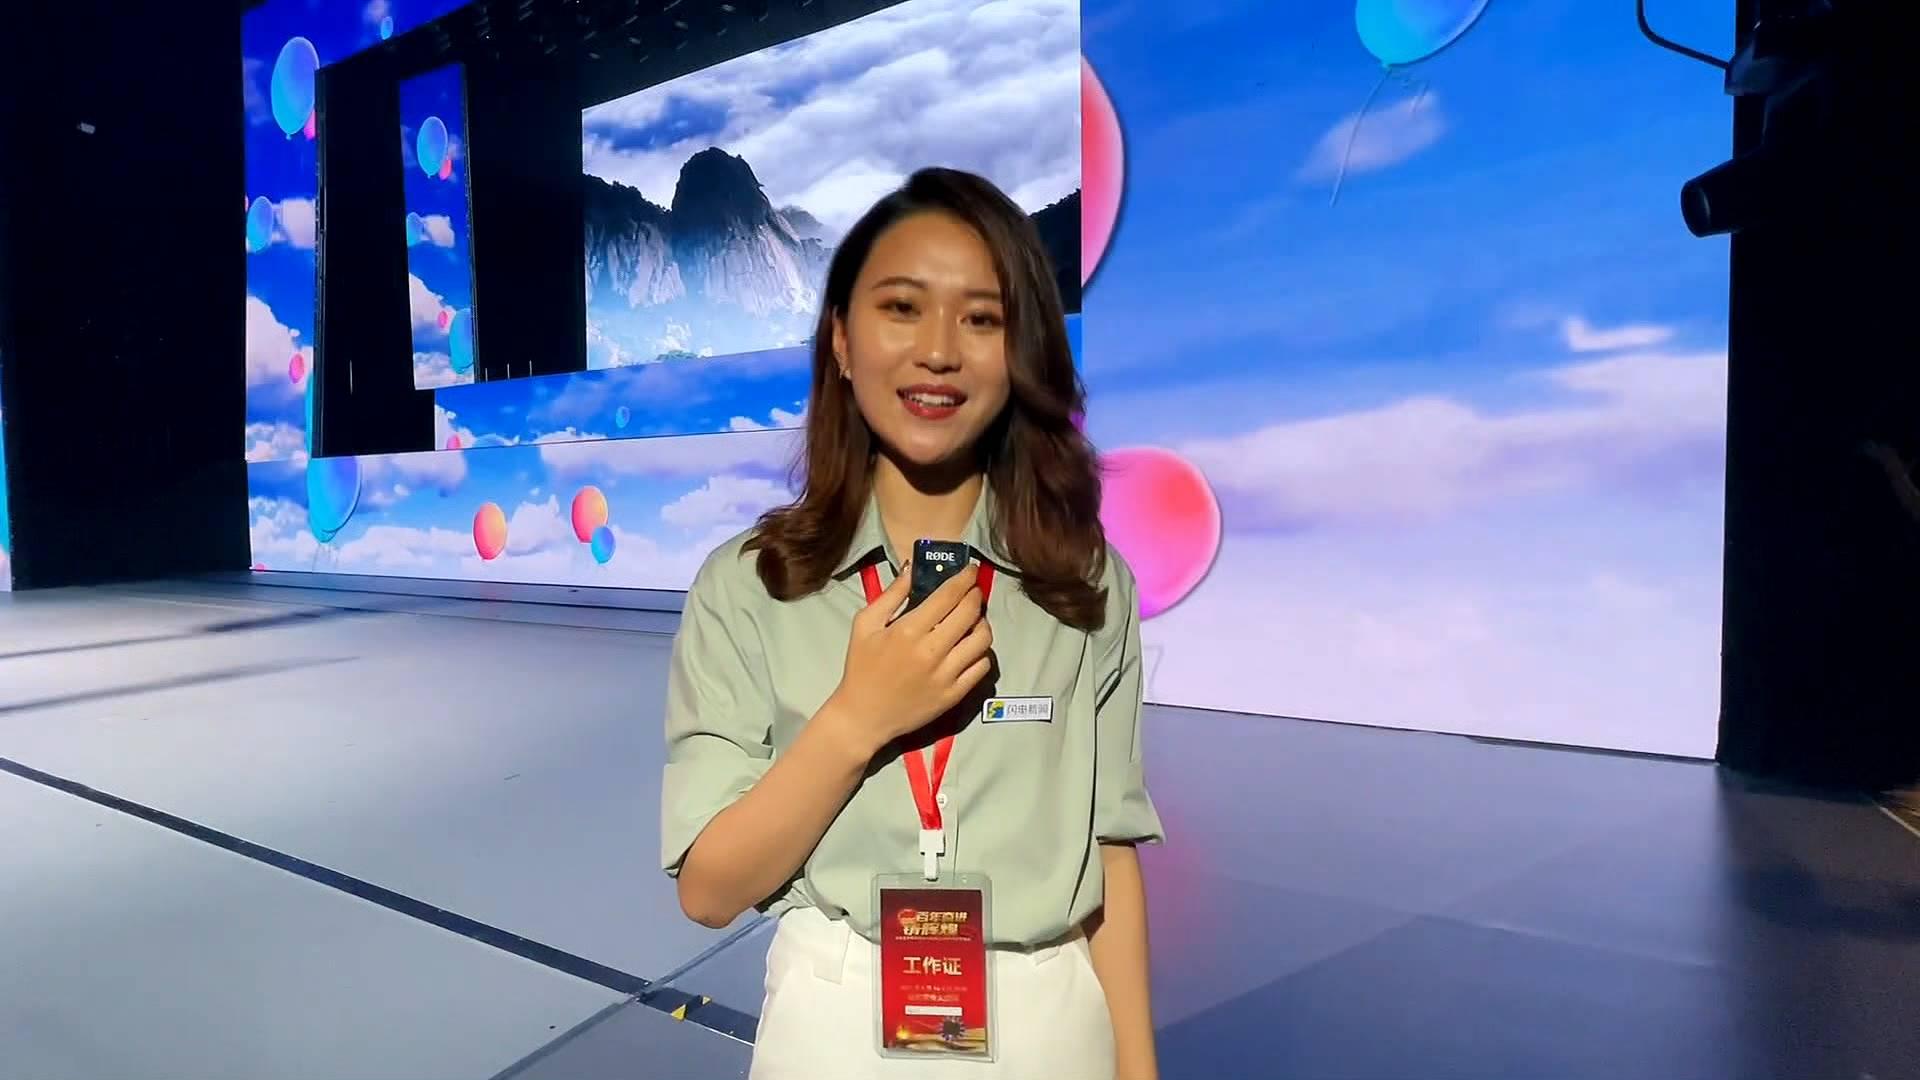 揭秘道具!记者第二天探班山东省庆祝中国共产党成立100周年文艺演出